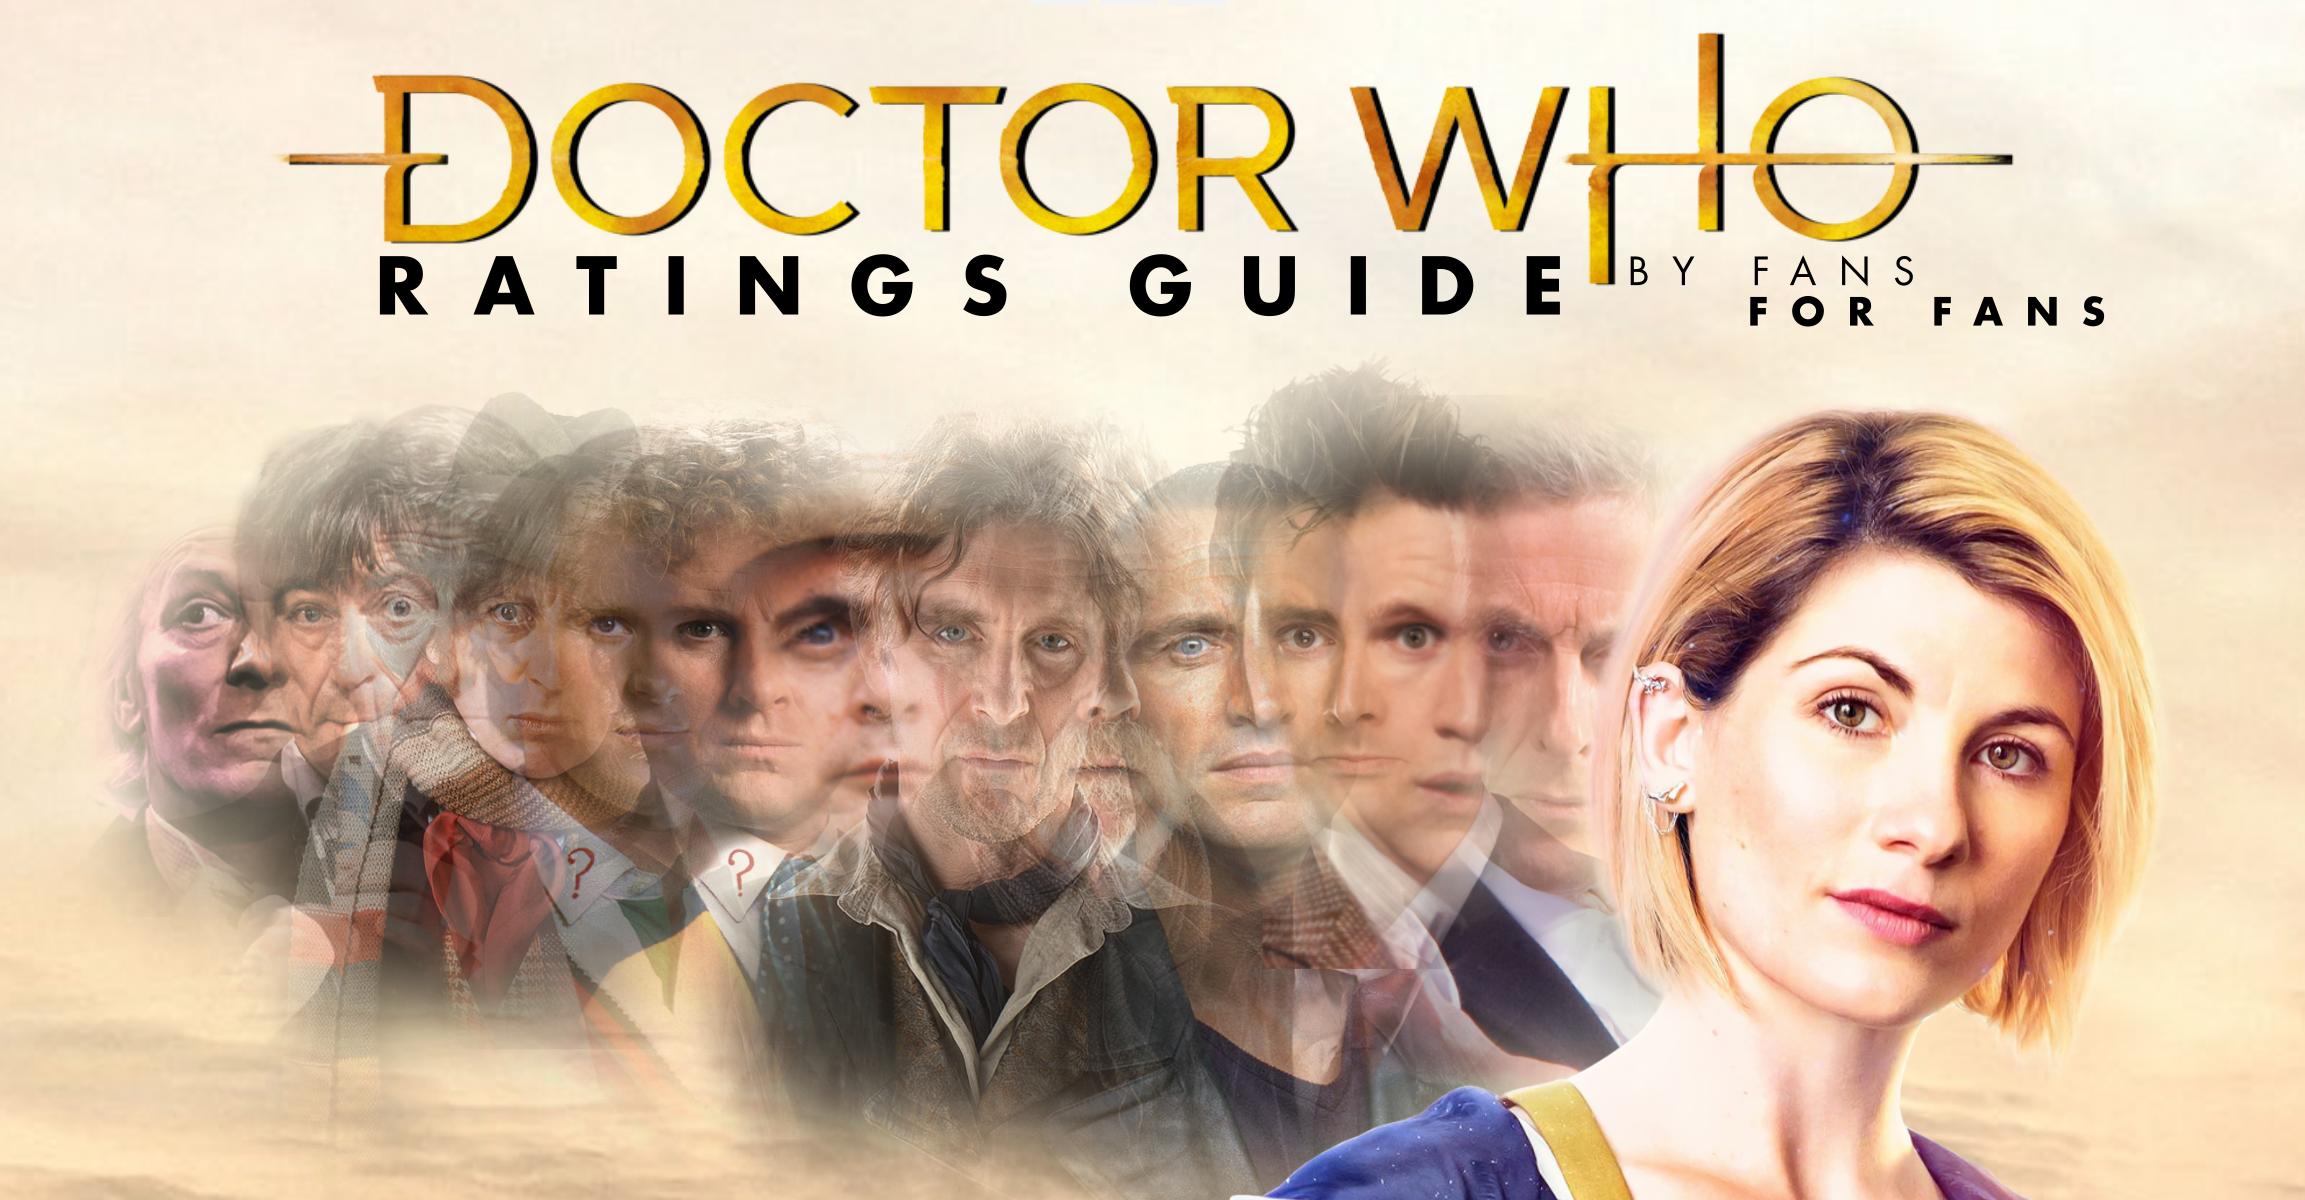 Doctor Who Ratings Guide: Frameless